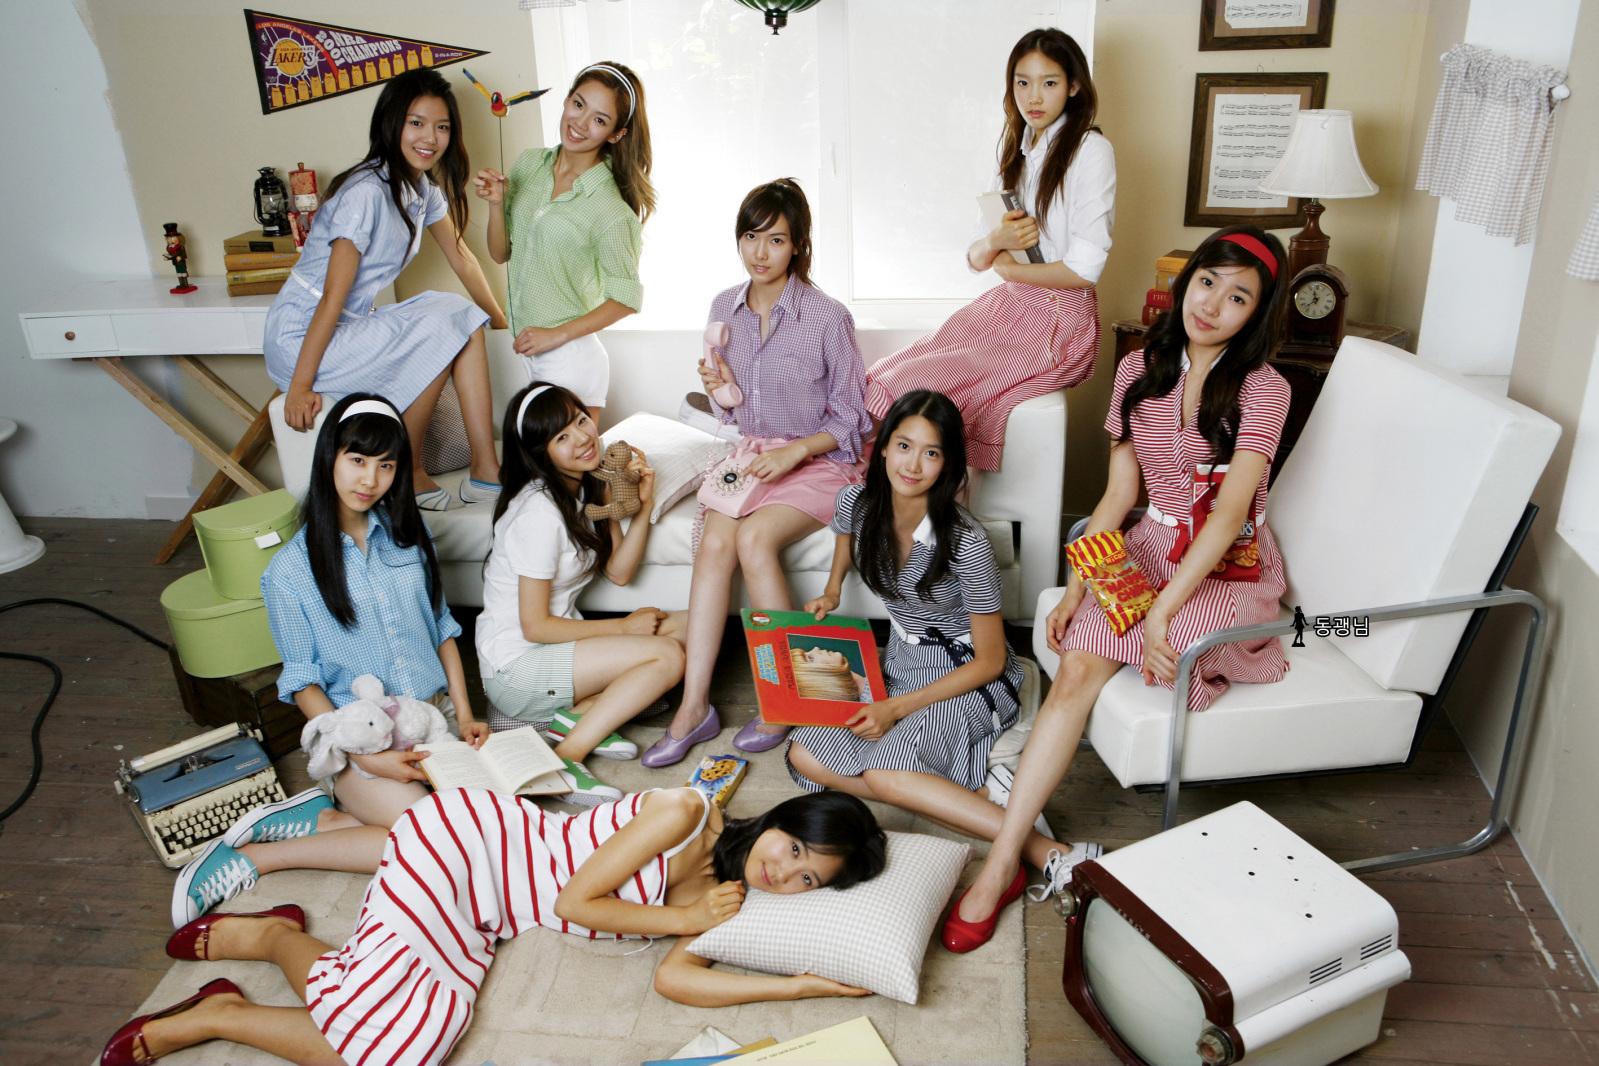 Kpop snsd members dating